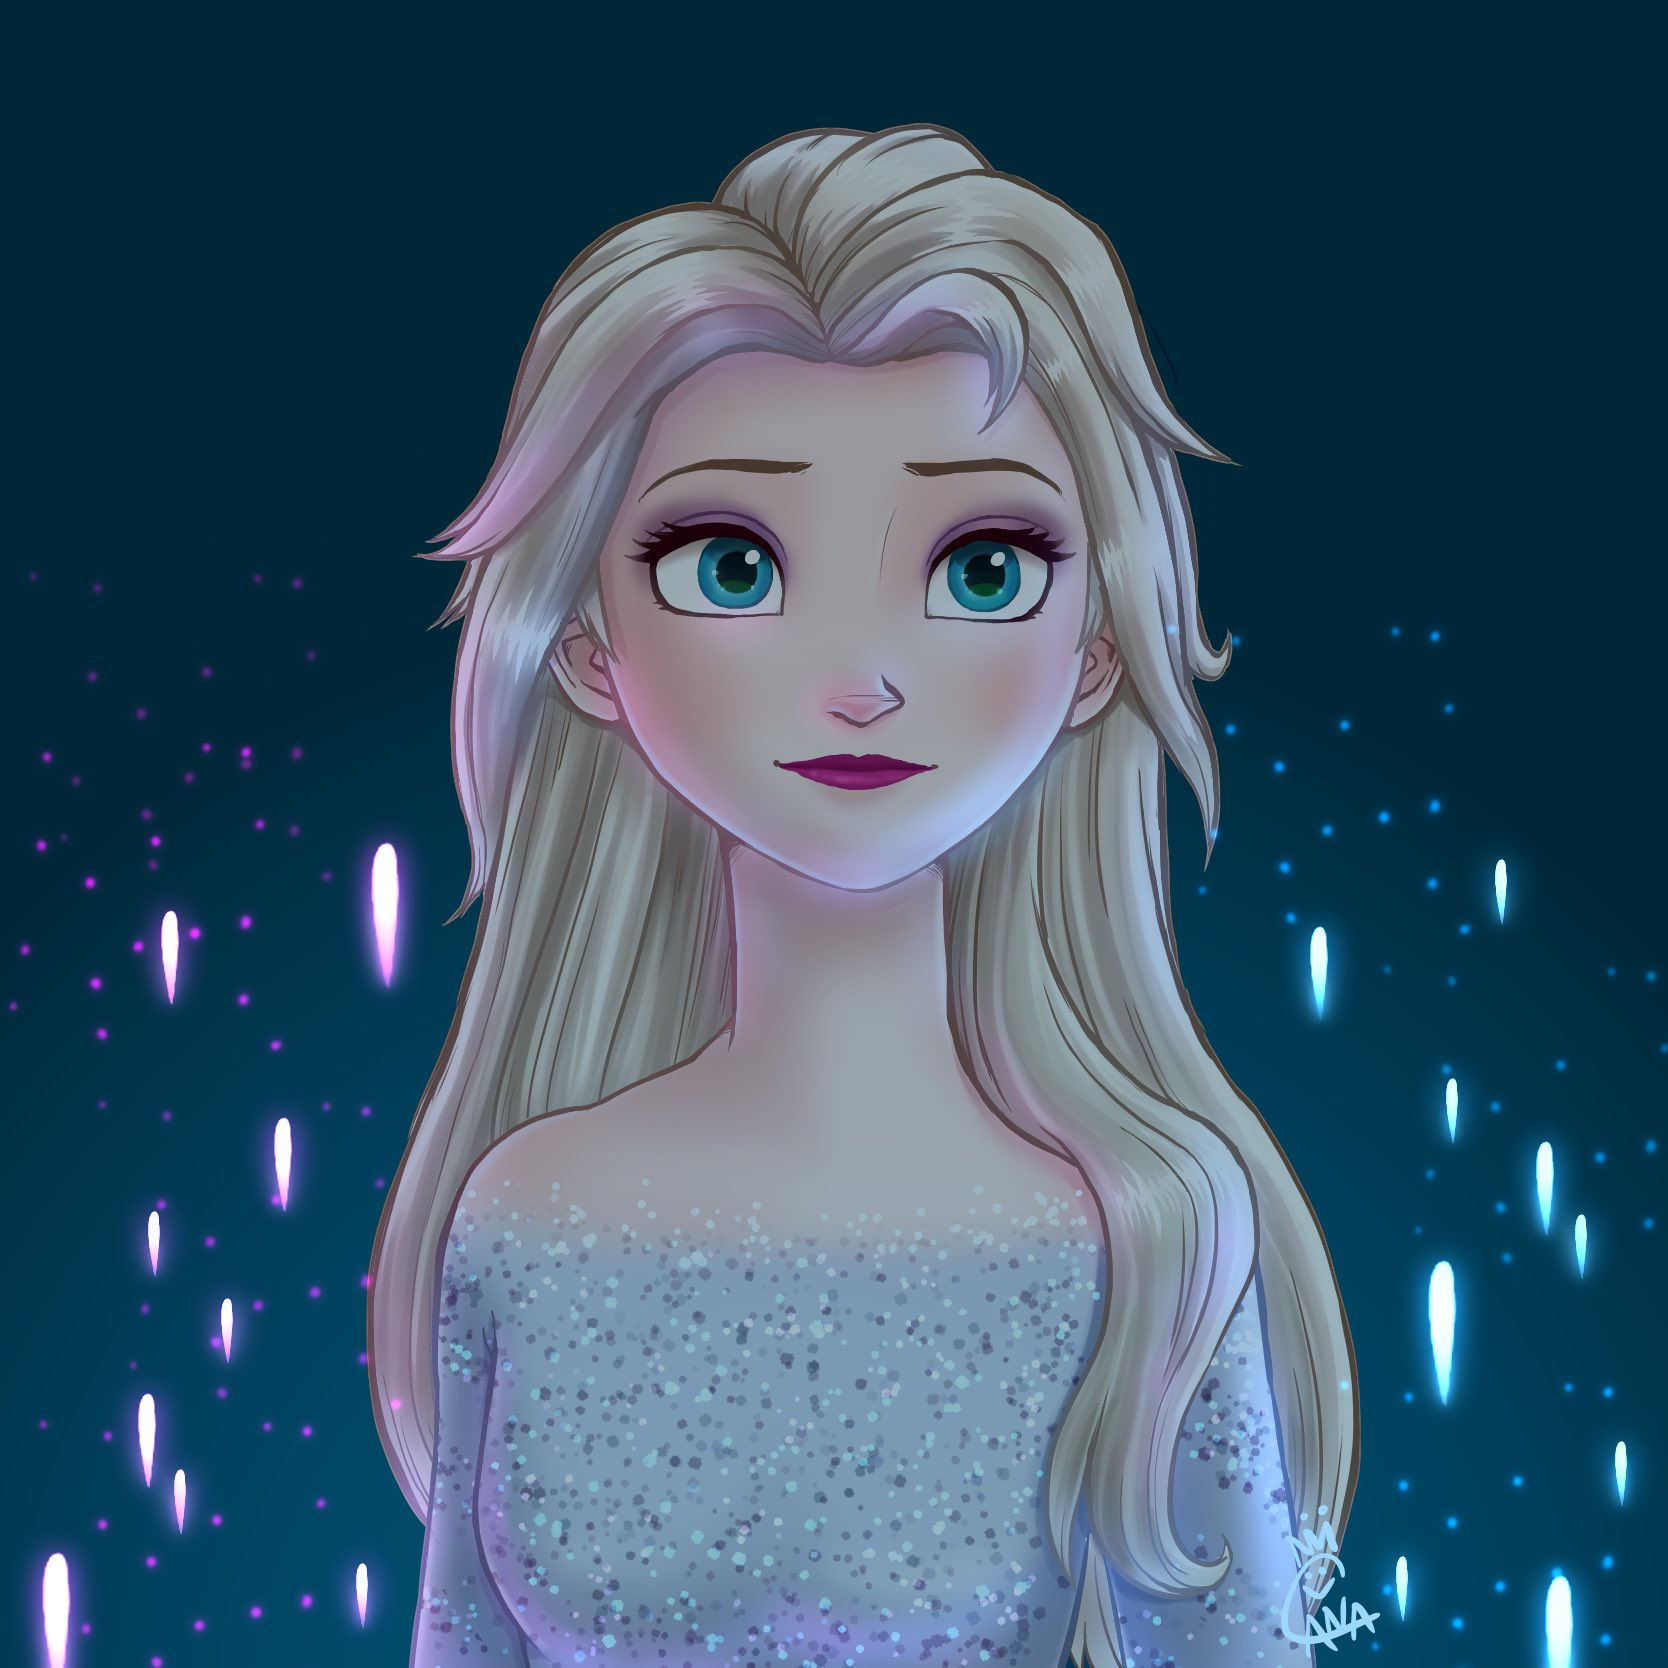 Elsa - Frozen 2 Fan Art (43058129) - Fanpop